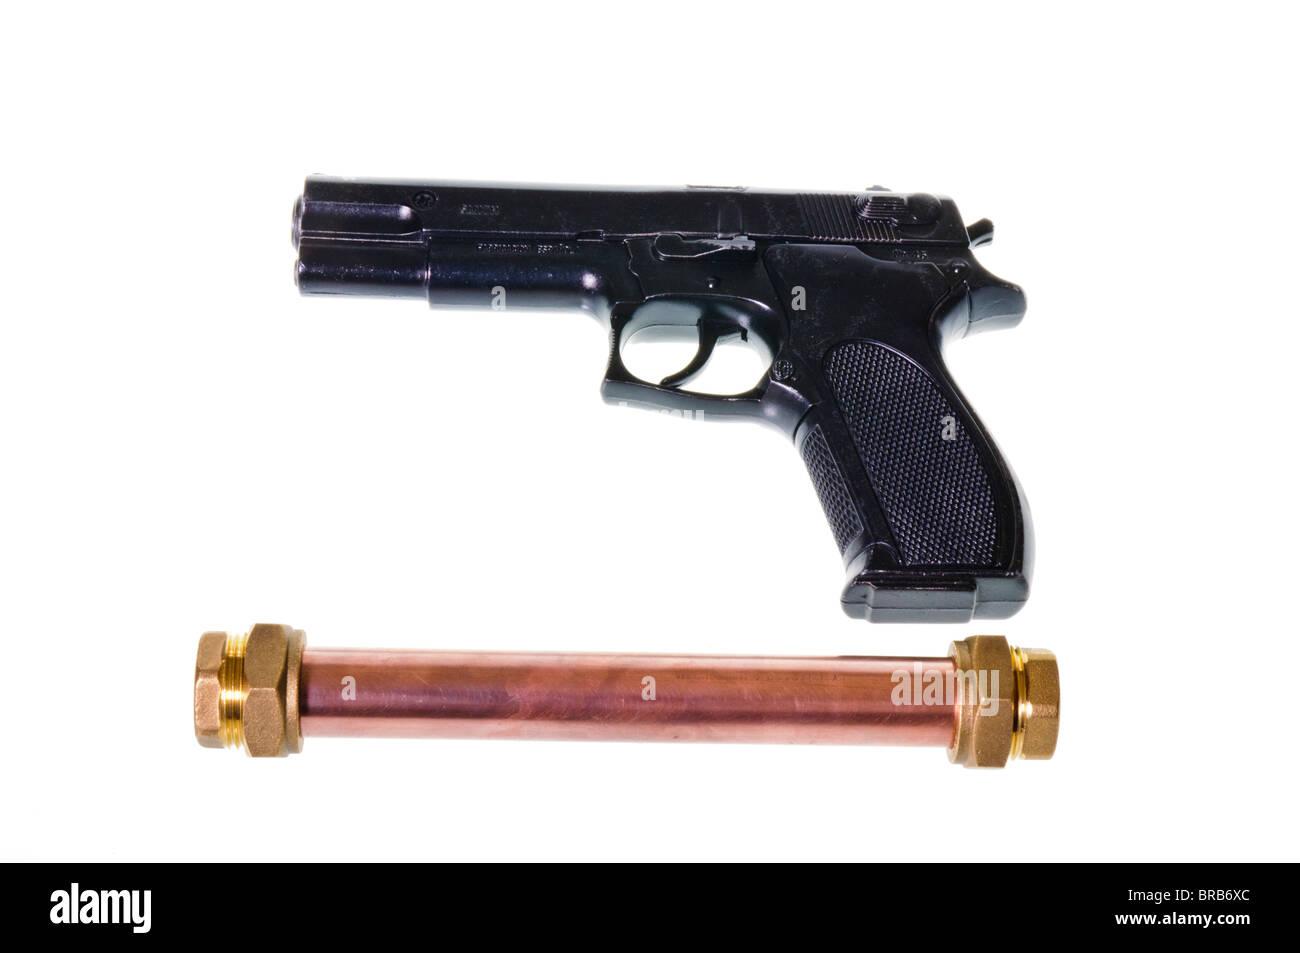 Pipebomb and handgun - Stock Image